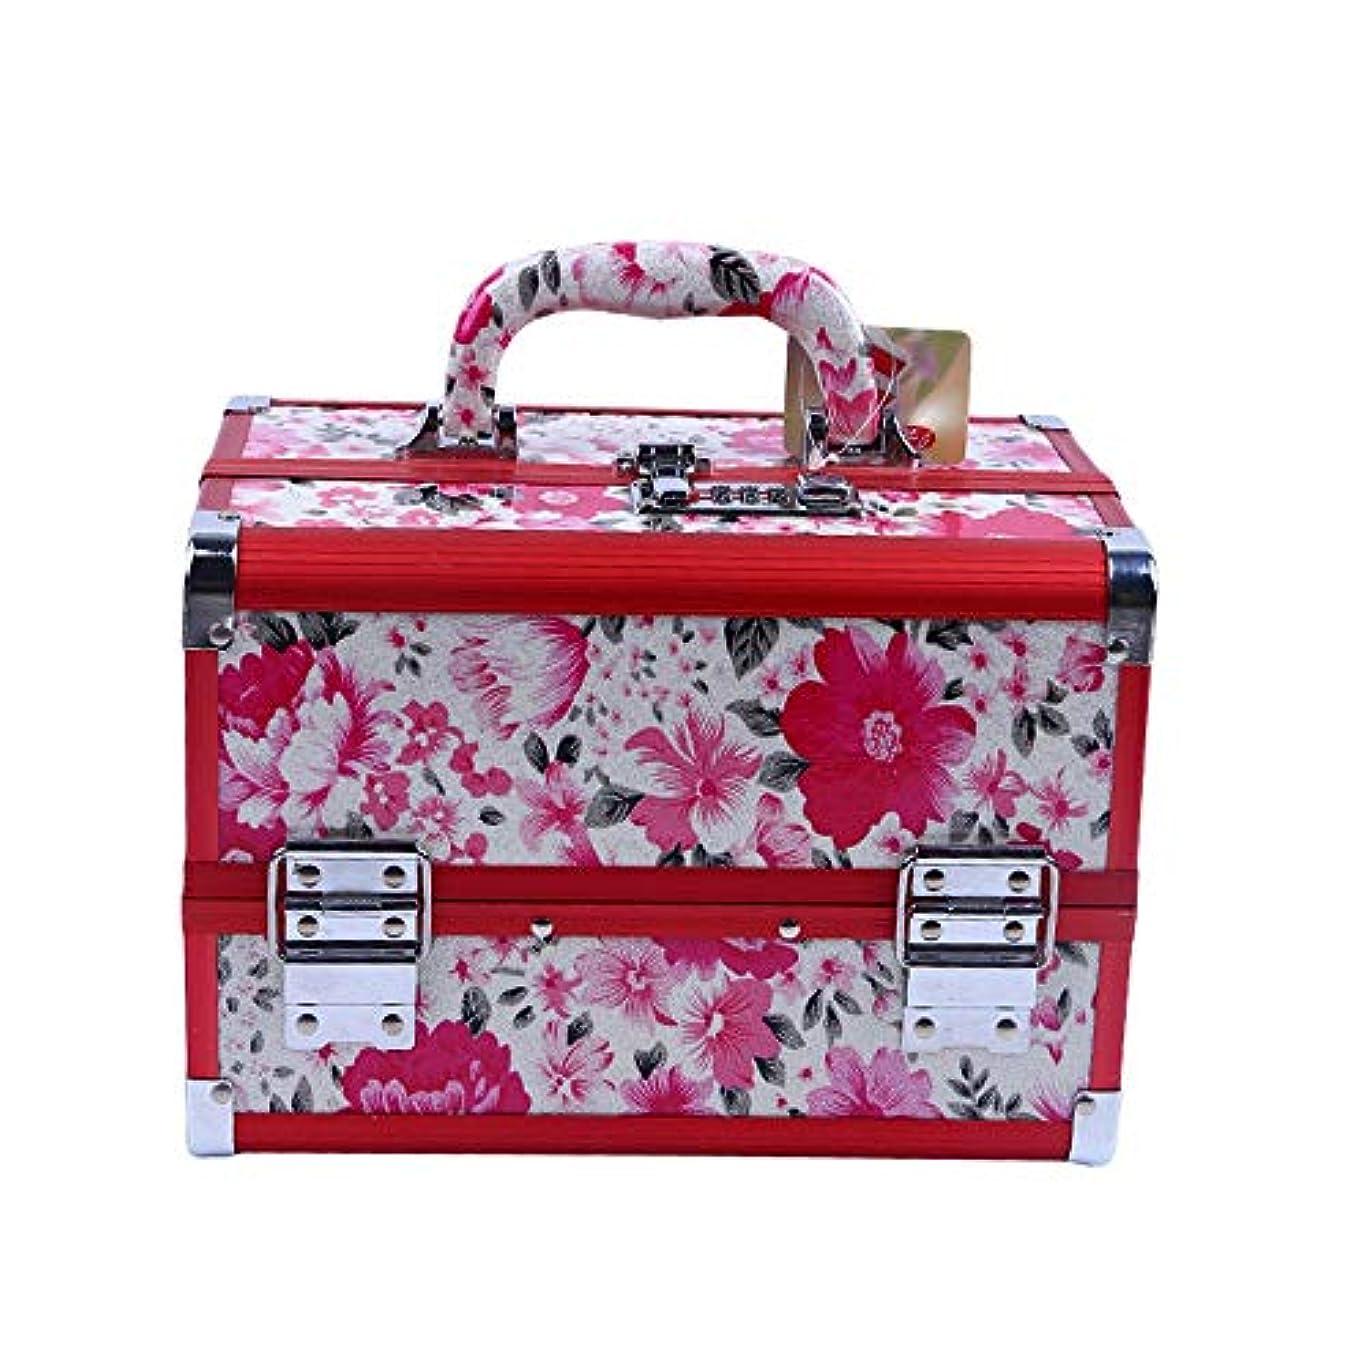 アミューズ聡明アプローチ化粧オーガナイザーバッグ 花のパターンポータブル化粧品ケース美容メイクアップと女の子の女性の旅行と毎日のストレージロック付きトレイ付き 化粧品ケース